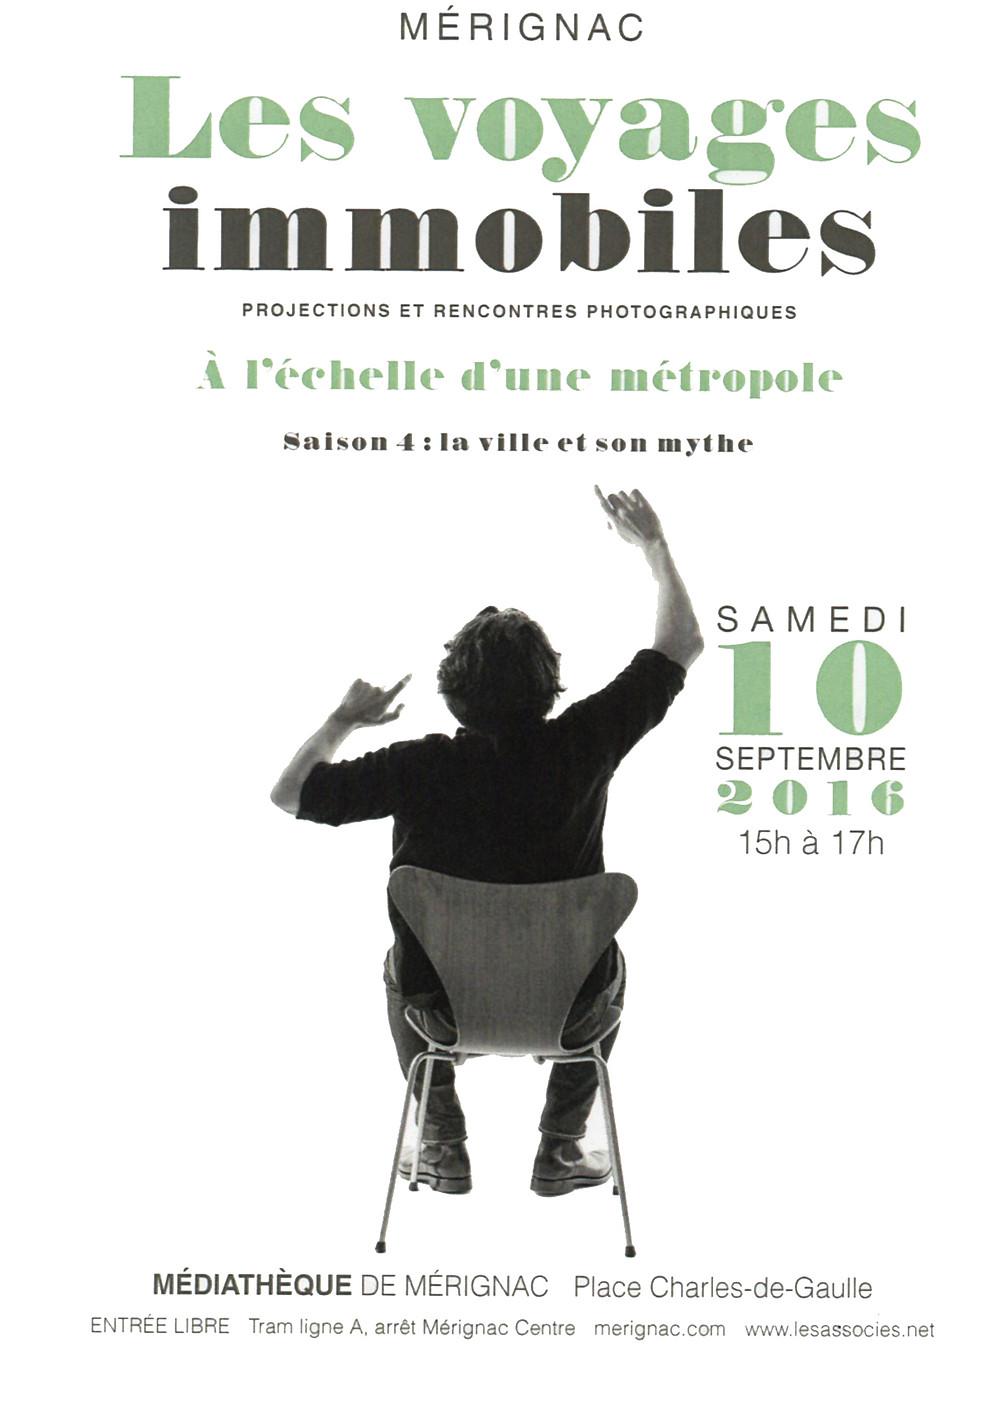 """Rendez vous samedi 10 septembre à 15h à l'auditorium de la médiathèque de Mérignac pour la clôture du cycle """"A l'échelle d'une métropole"""" autour du thème """"La ville et son mythe""""."""